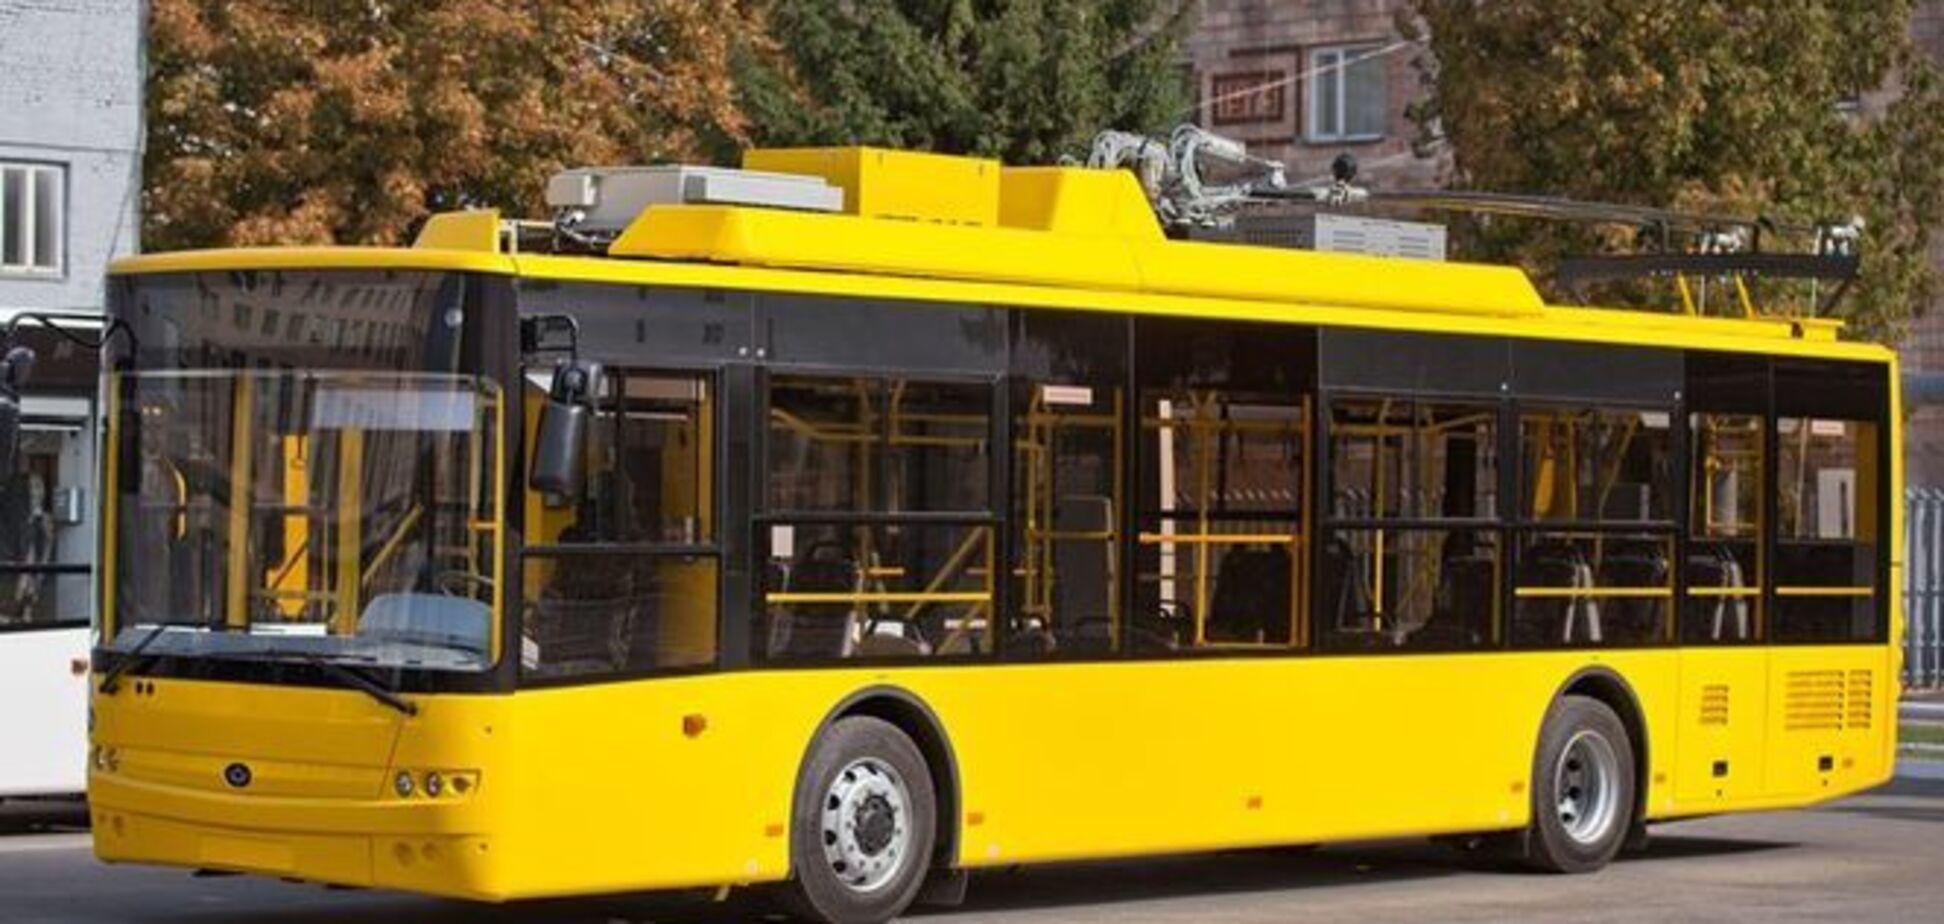 Не выпустил инвалида: ''Киевпастранс'' угодил в скандал из-за водителя троллейбуса